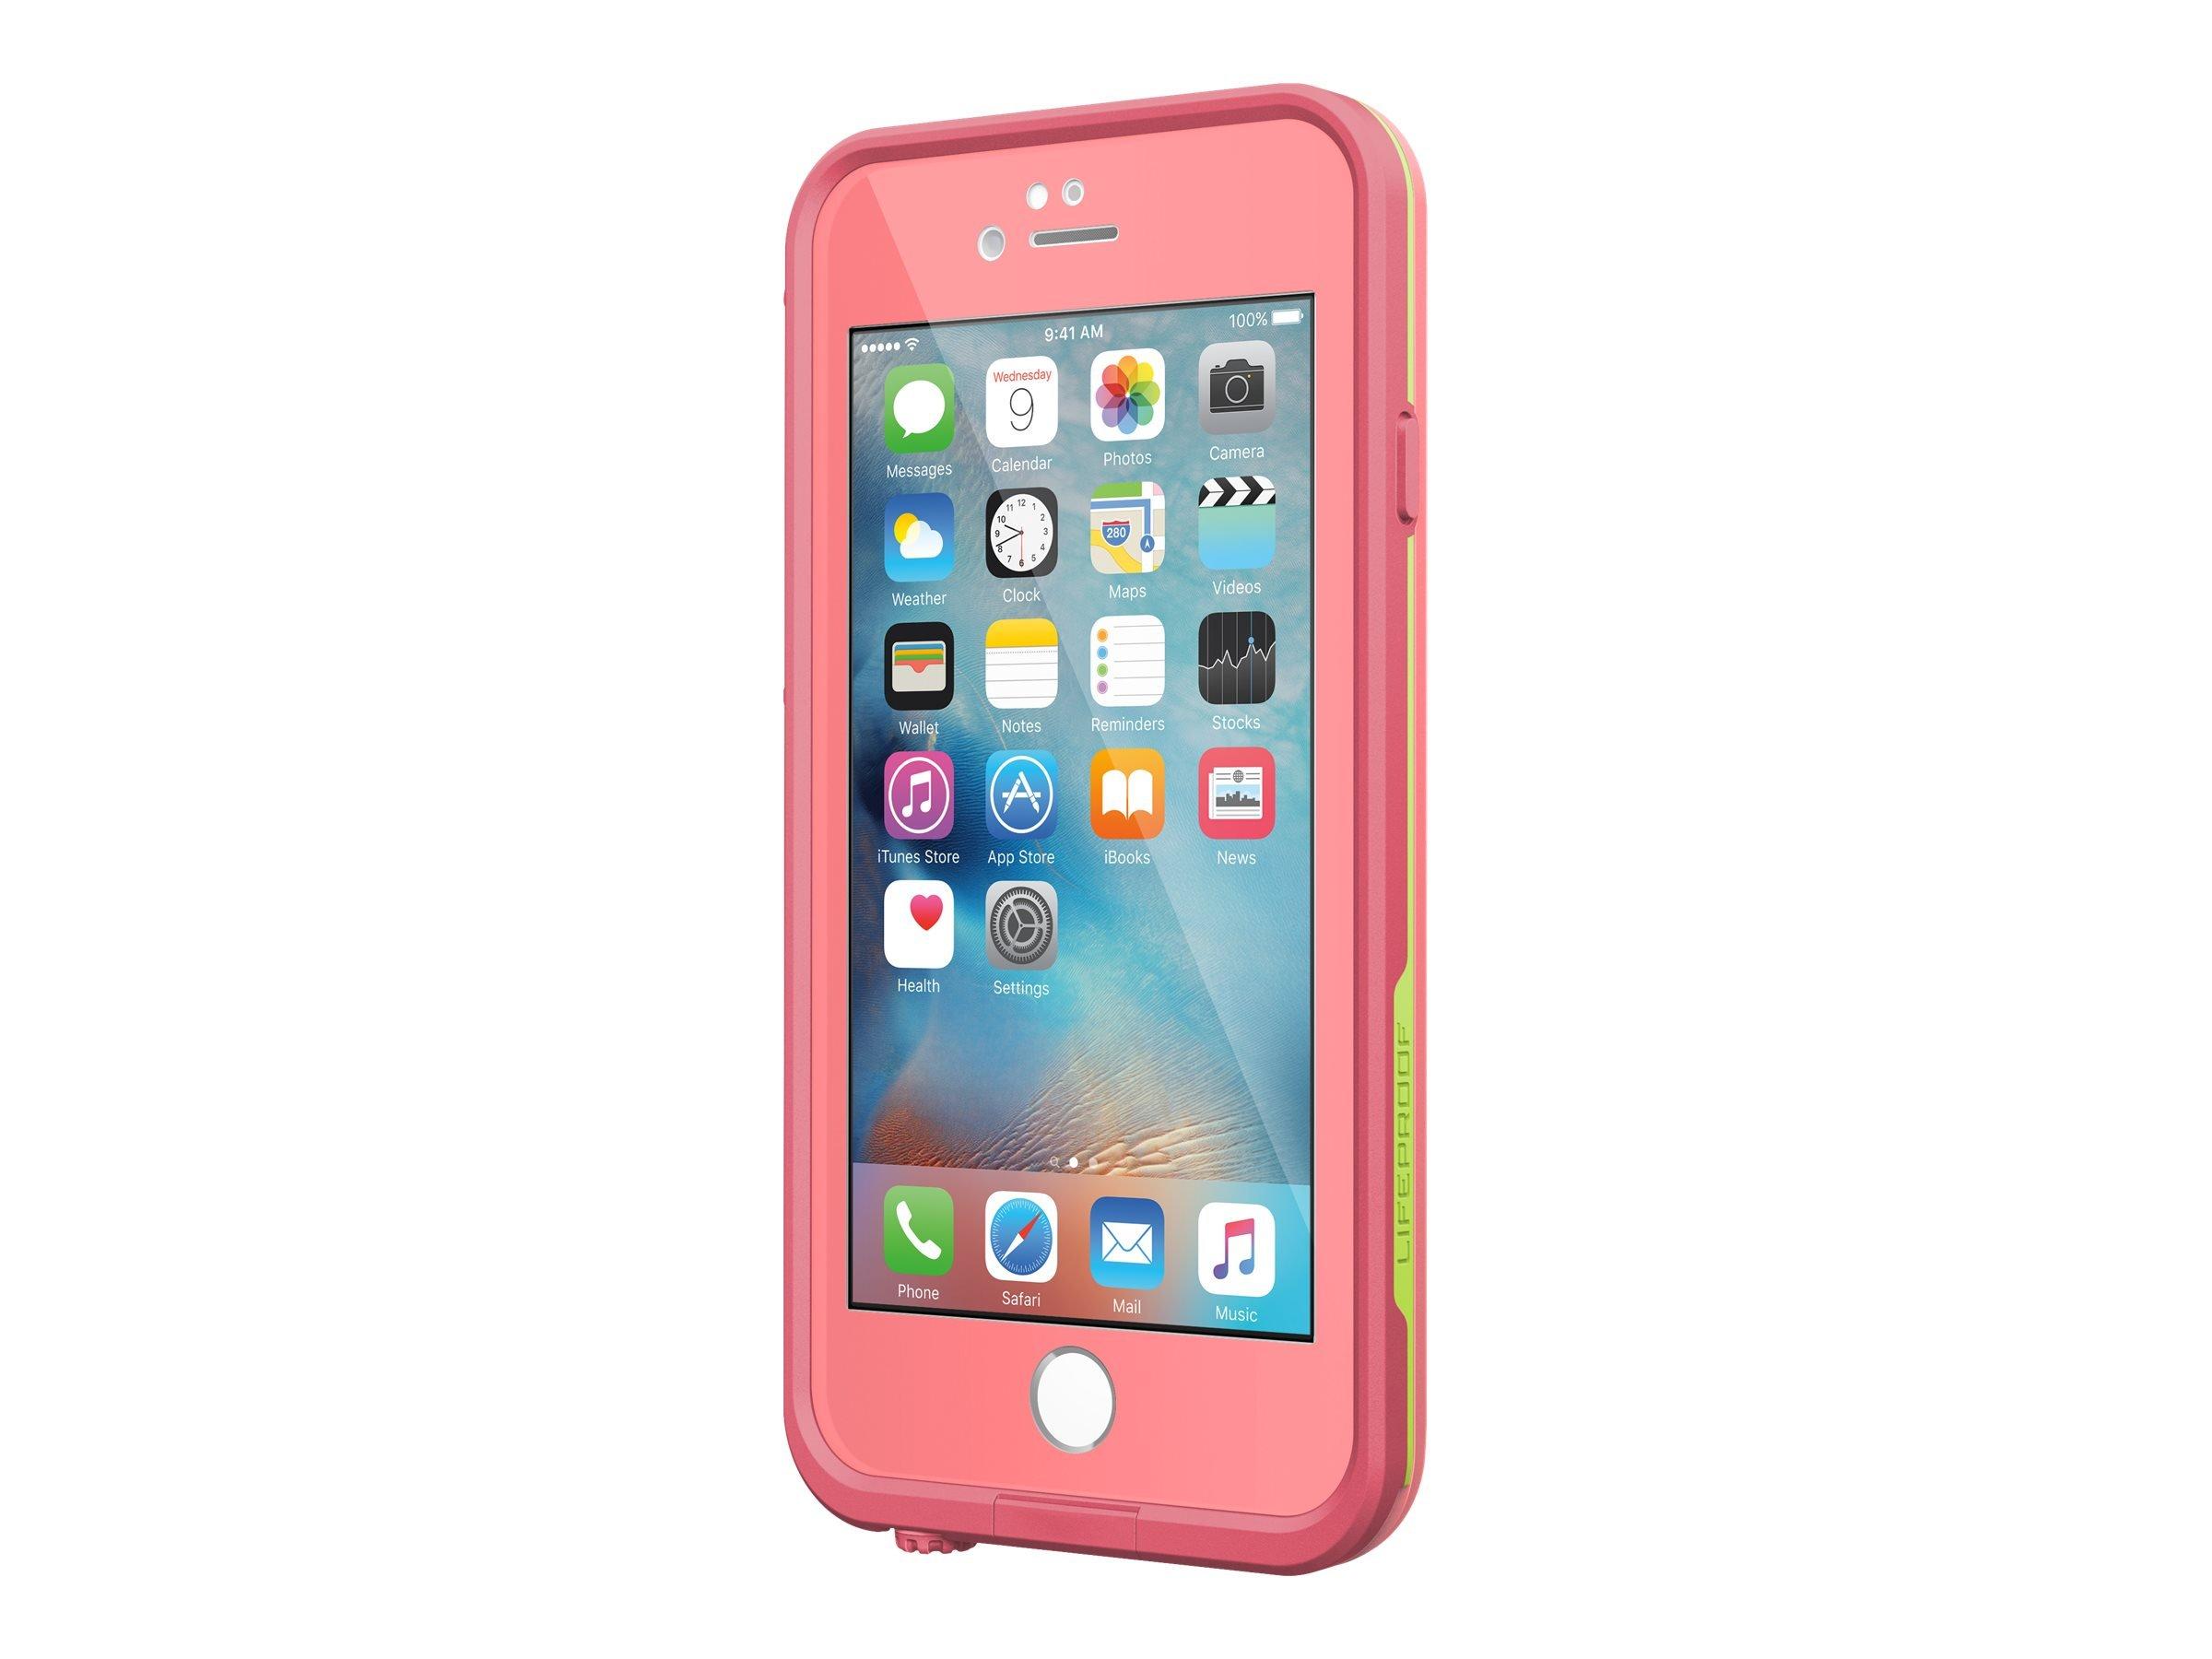 Lifeproof FRĒ SERIES iPhone 6/6s Waterproof Case (4.7'' Version) - Retail Packaging - SUNSET (PIPELINE/WINDSURF/LONGBOARD) by LifeProof